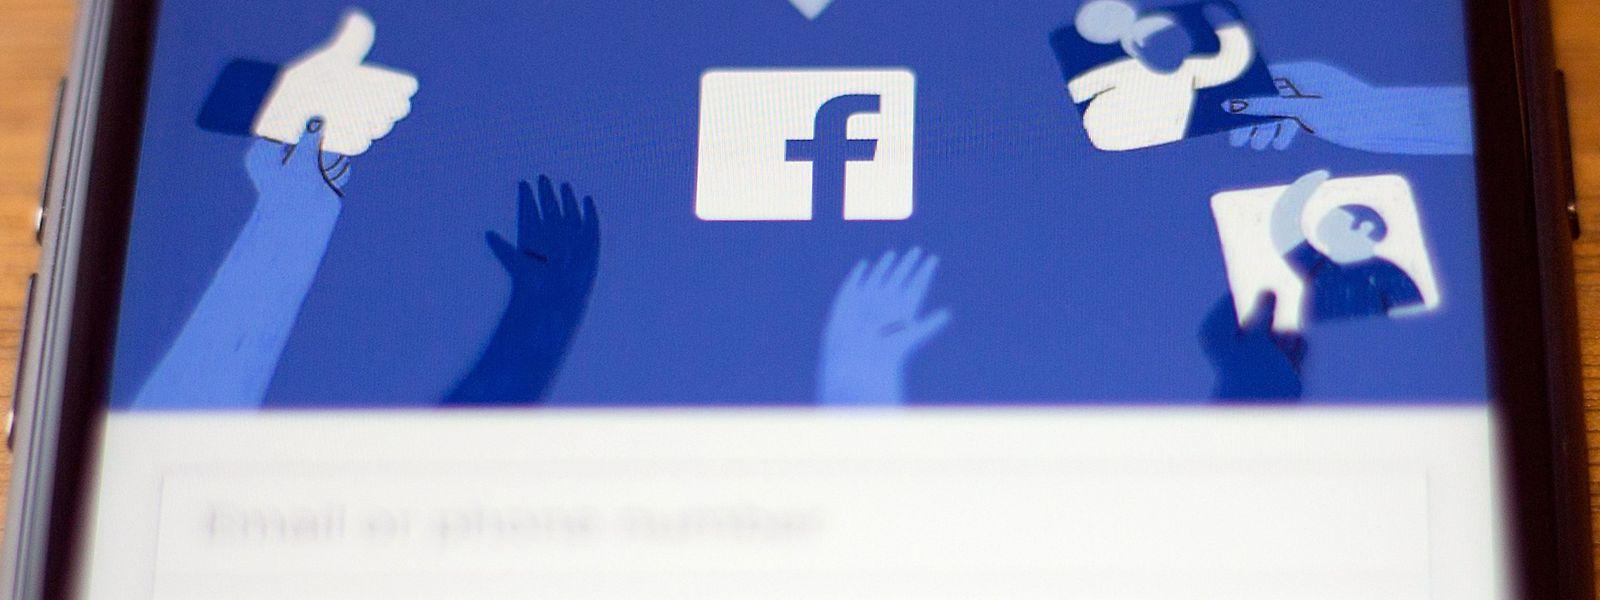 Facebook wird künftig wohl mehr rechtswidrige Beleidigungen und Hasskommentare löschen müssen.